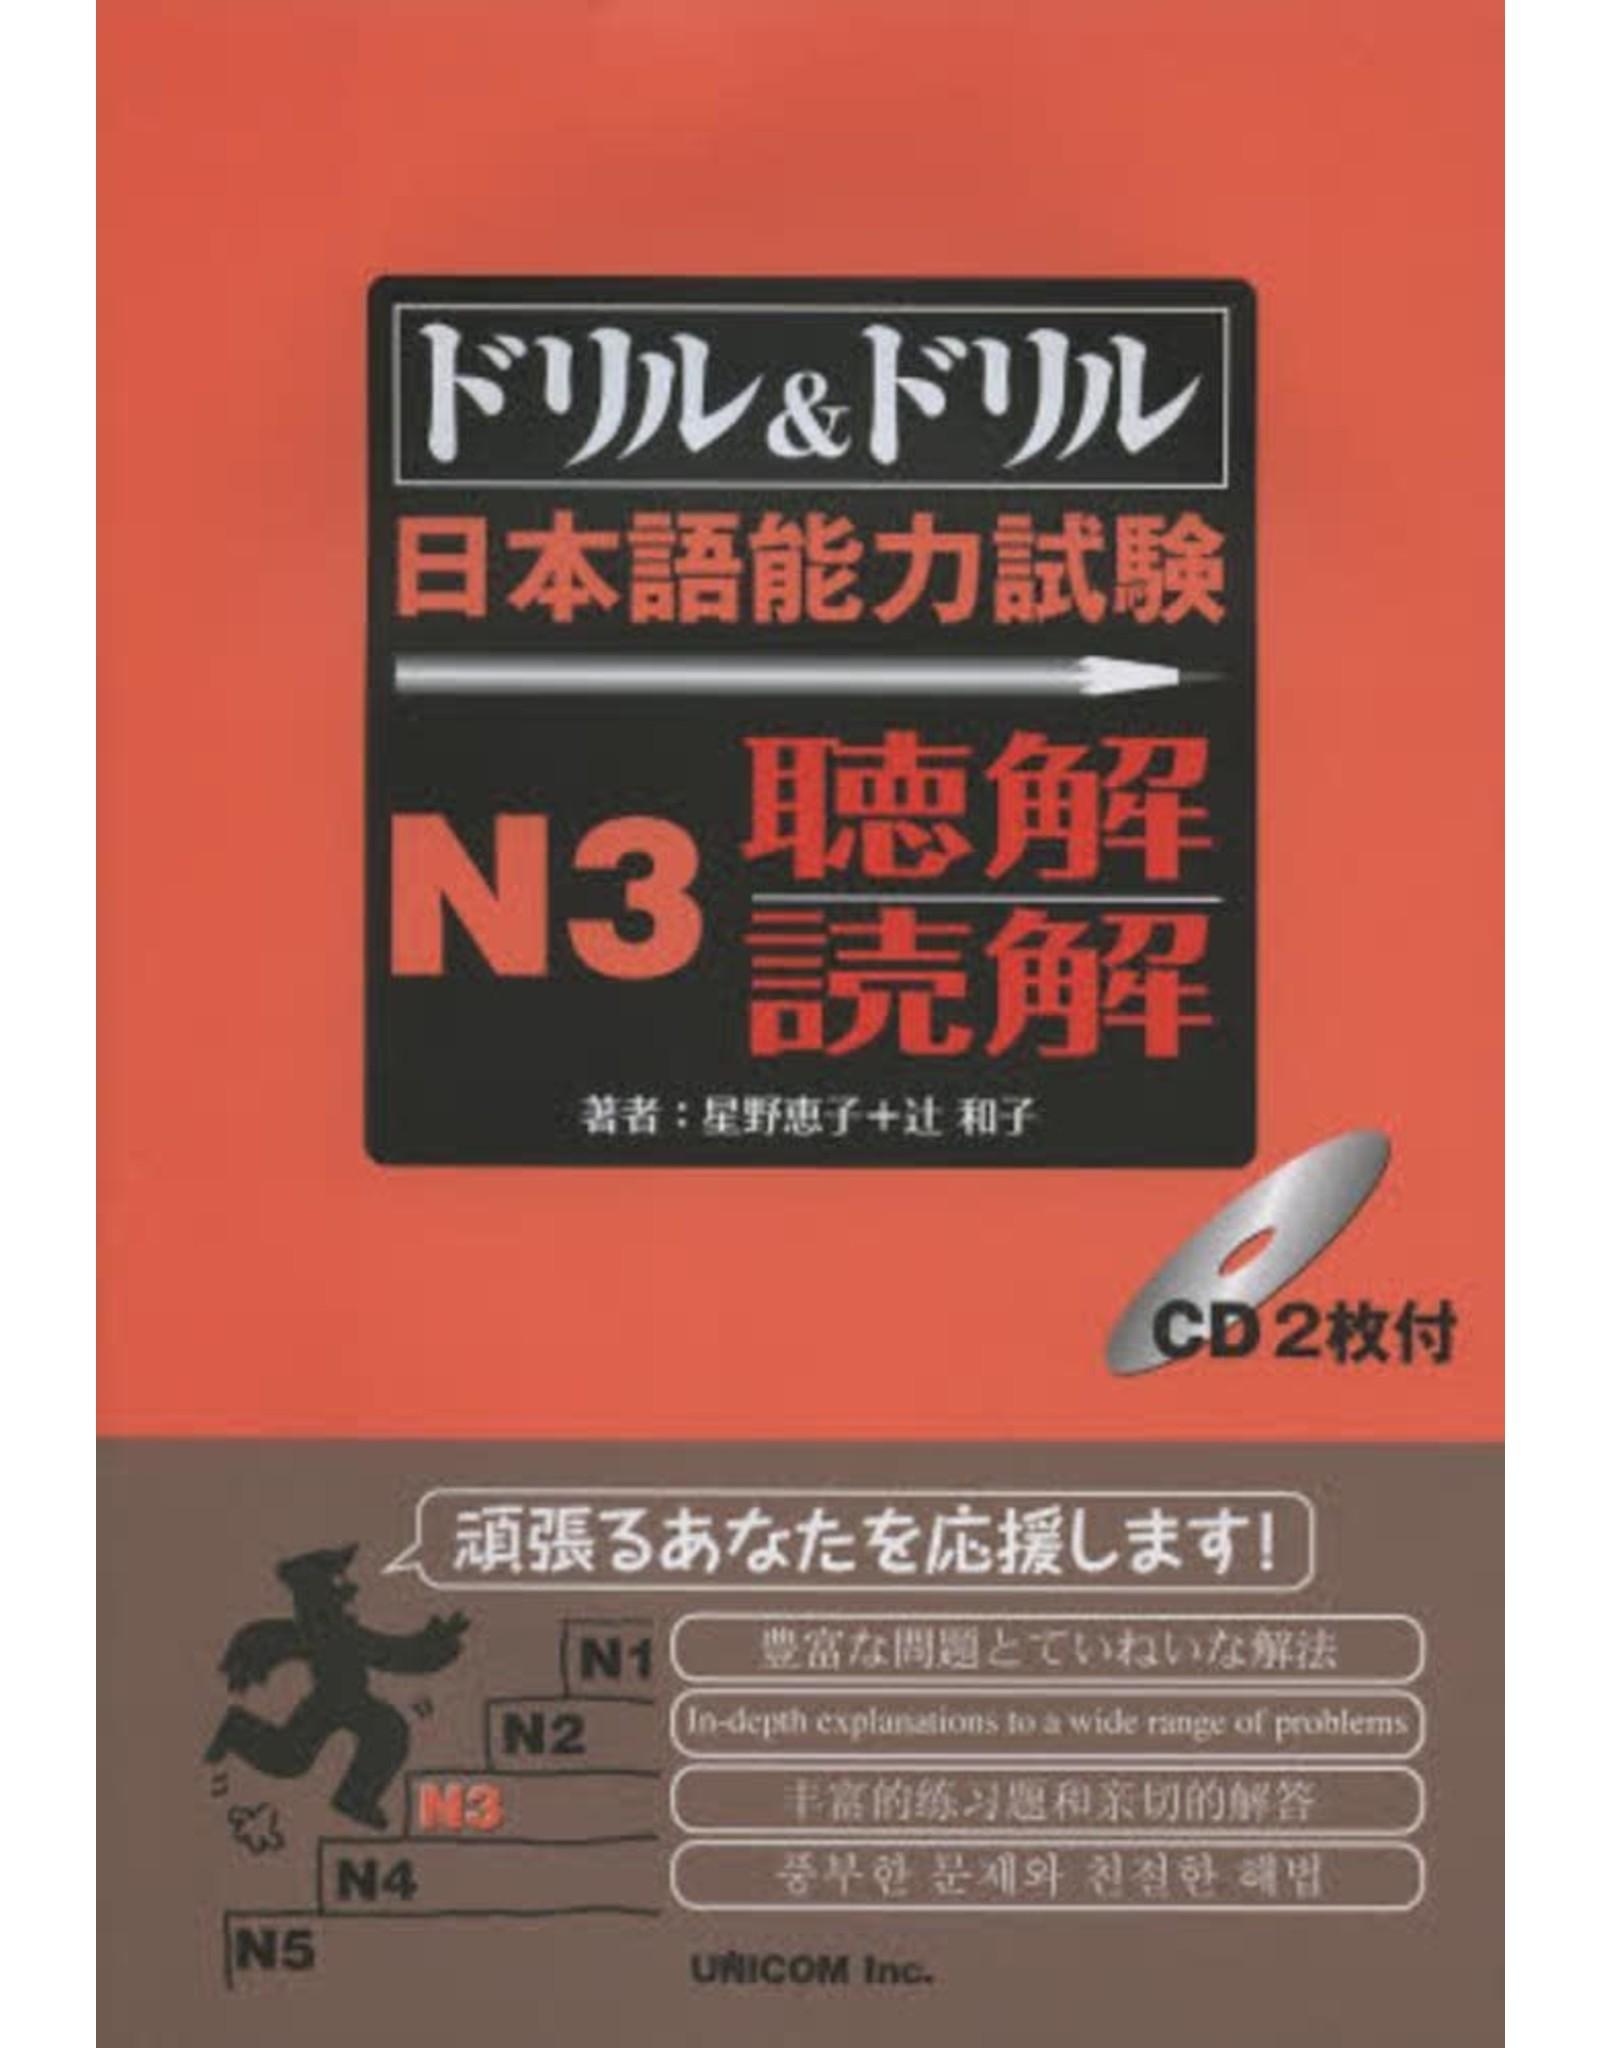 UNICOM DRILL & DRILL JLPT N3 CHOKAI, DOKKAI